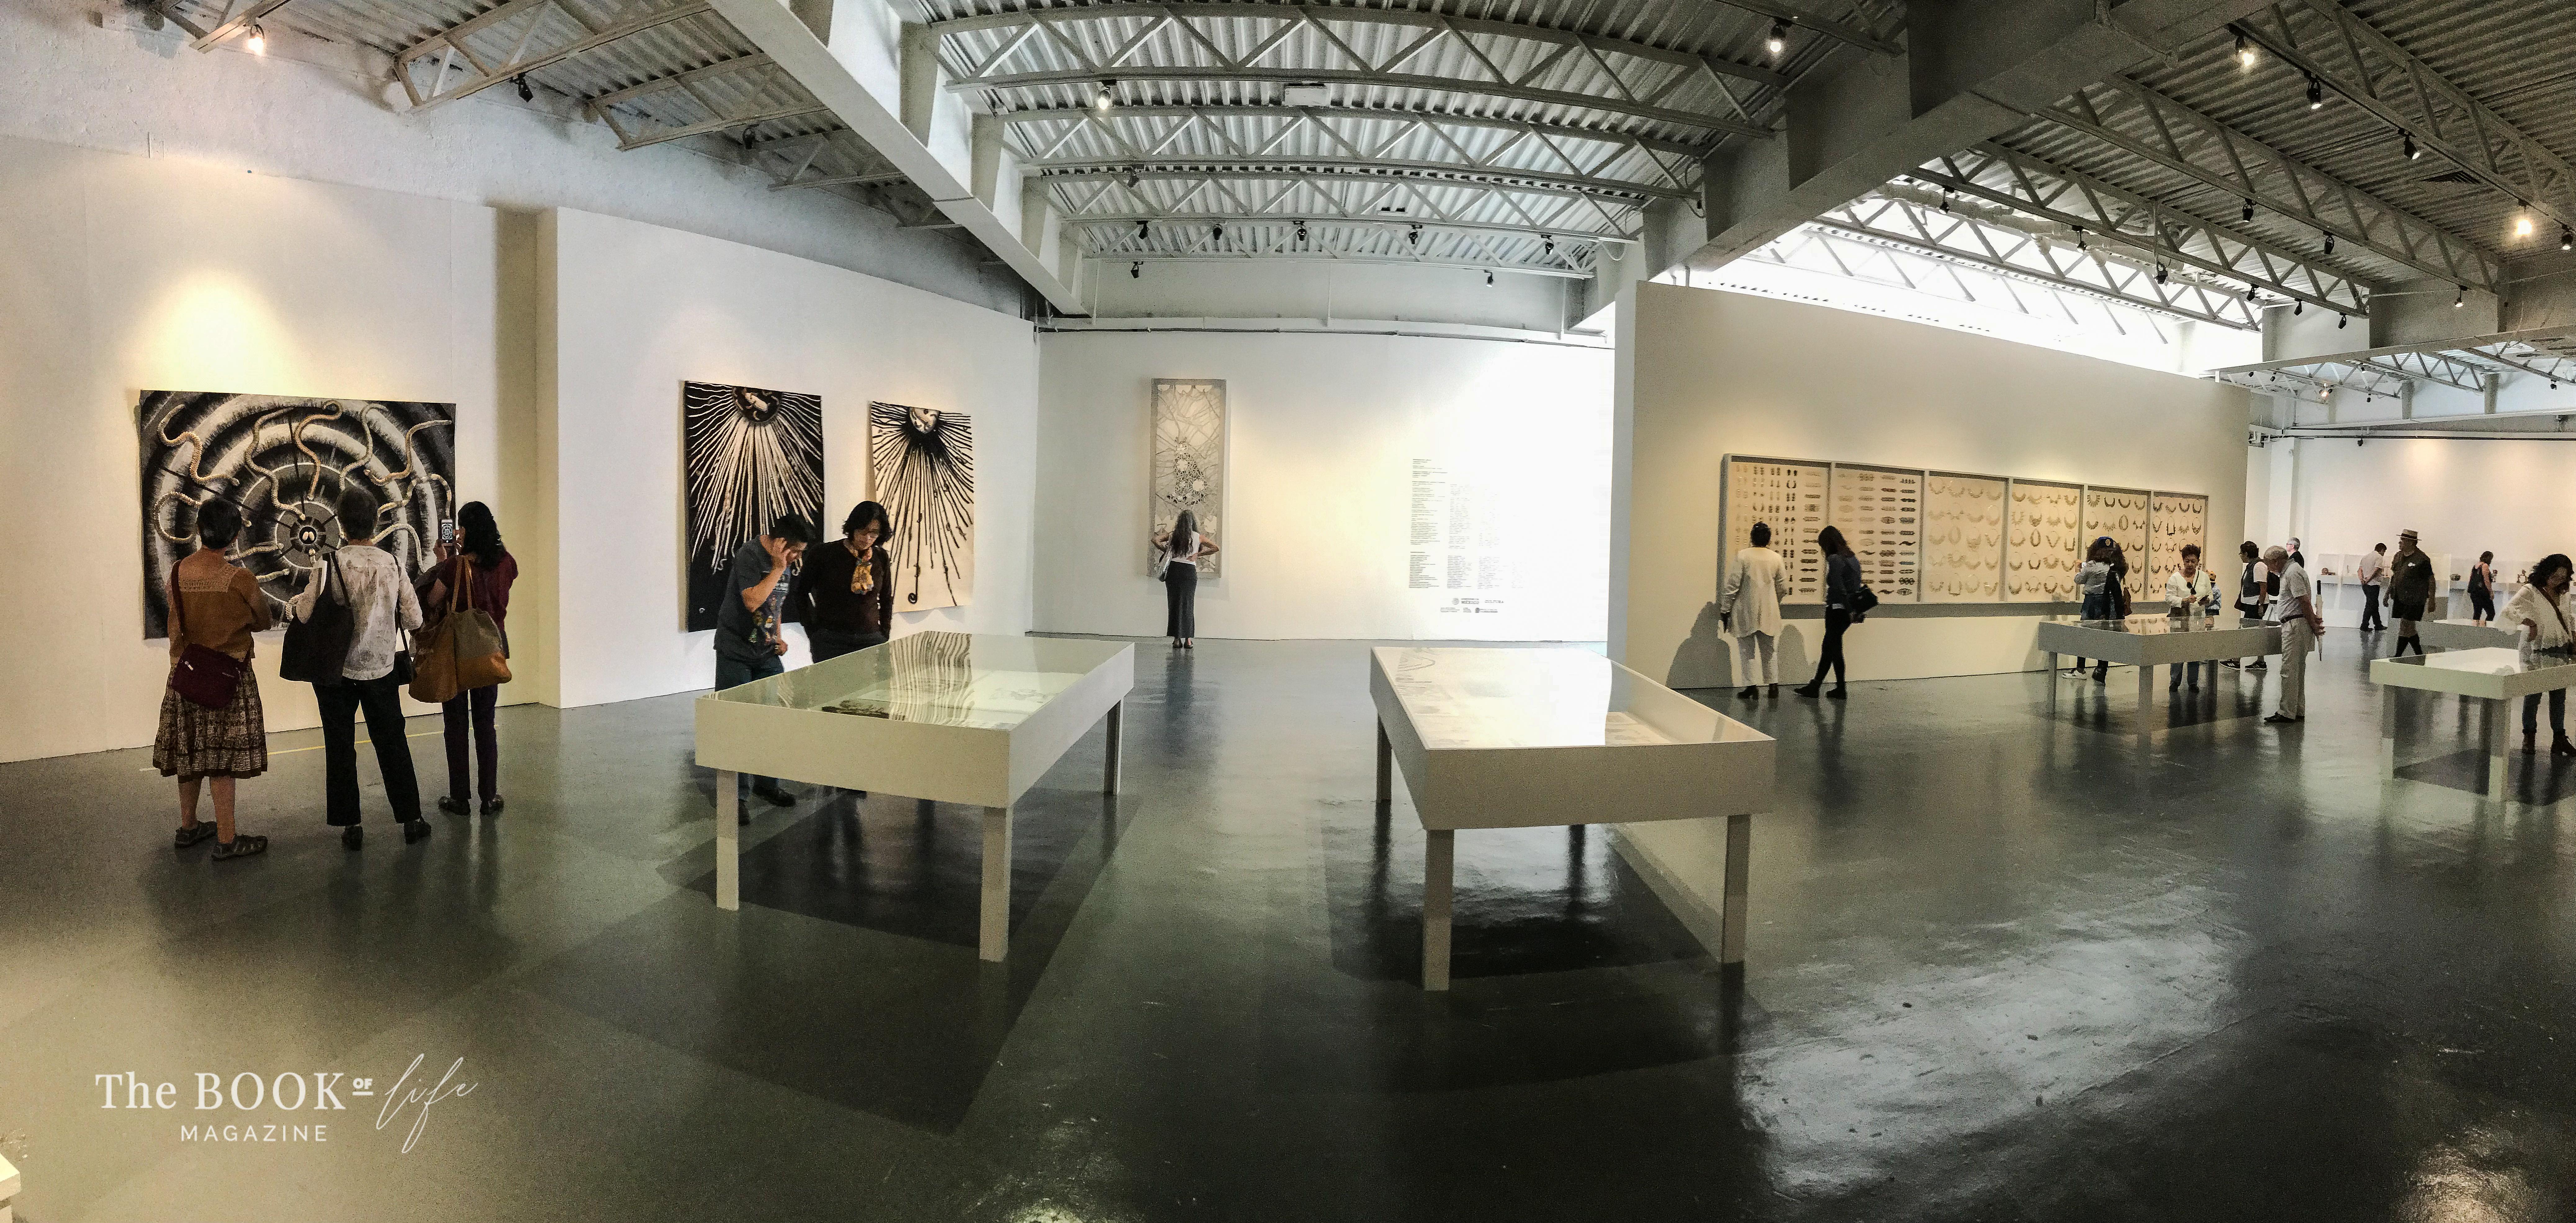 Exposición: Toledo ve, panorámica / Foto: Alejandro C. / Museo Nacional de Culturas Populares. 2019